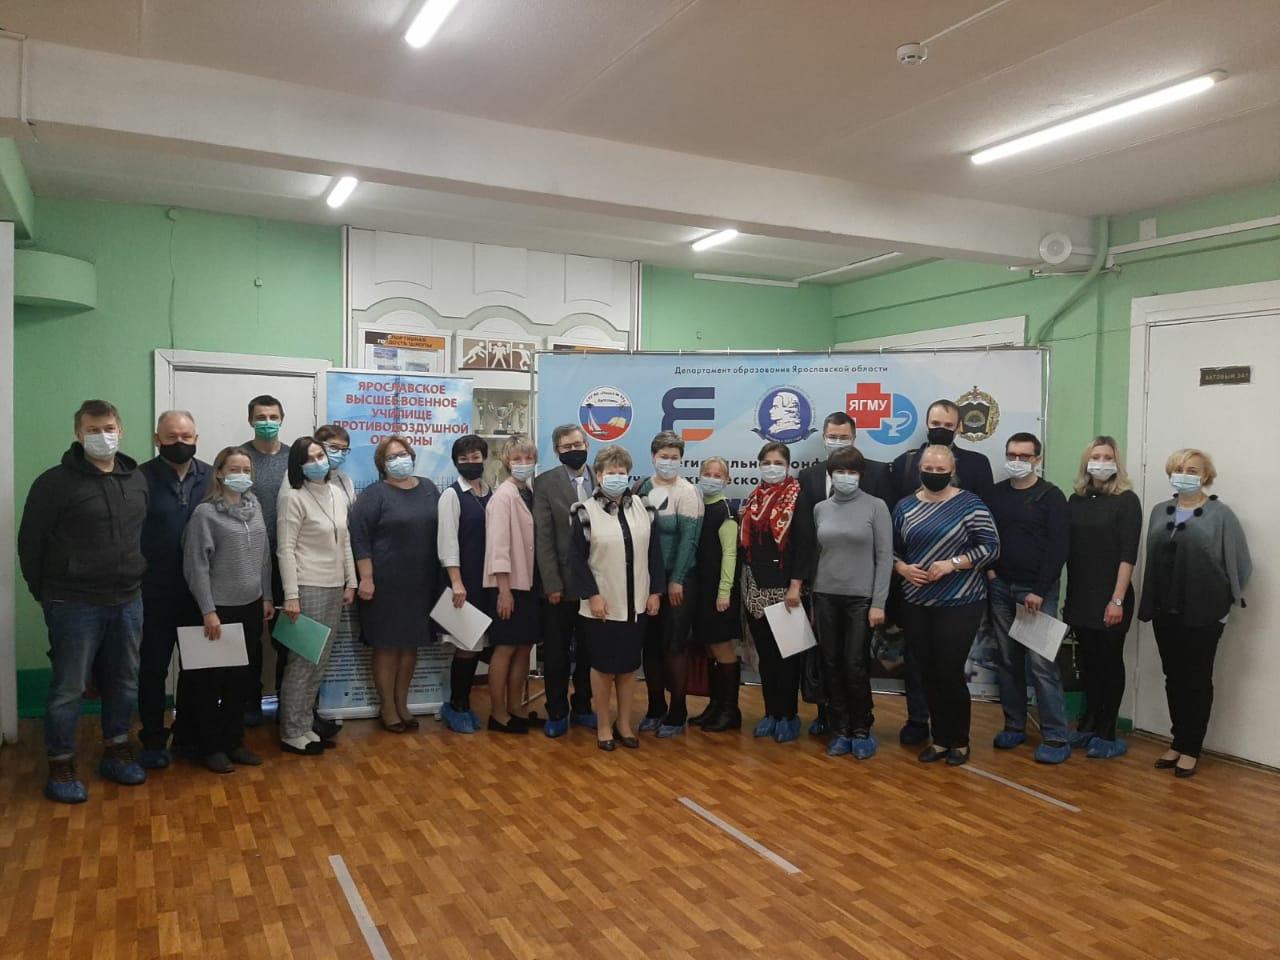 Жители Ярославской области разработали сайт для развития и изучения человеческого мозга